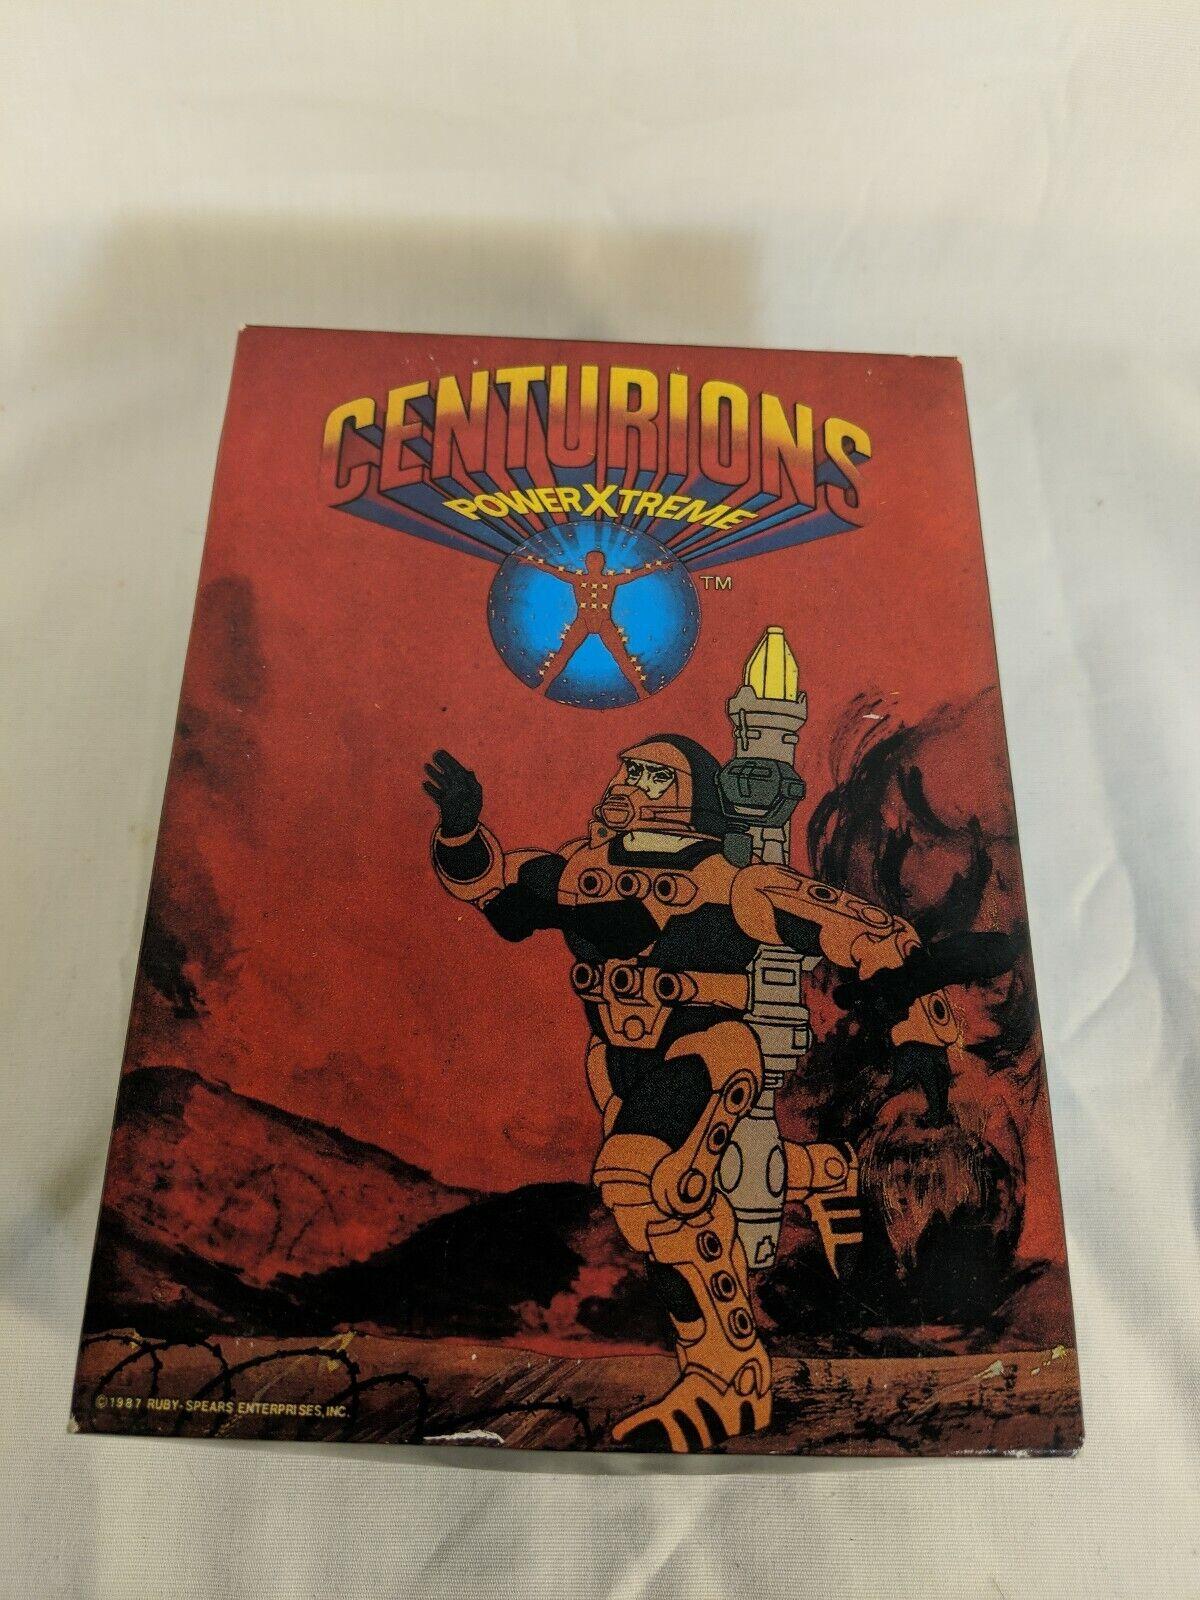 1987 Ruby  Centurions energiaXtreme bambini sautope With scatola Super Rare    Wow  spedizione gratuita!